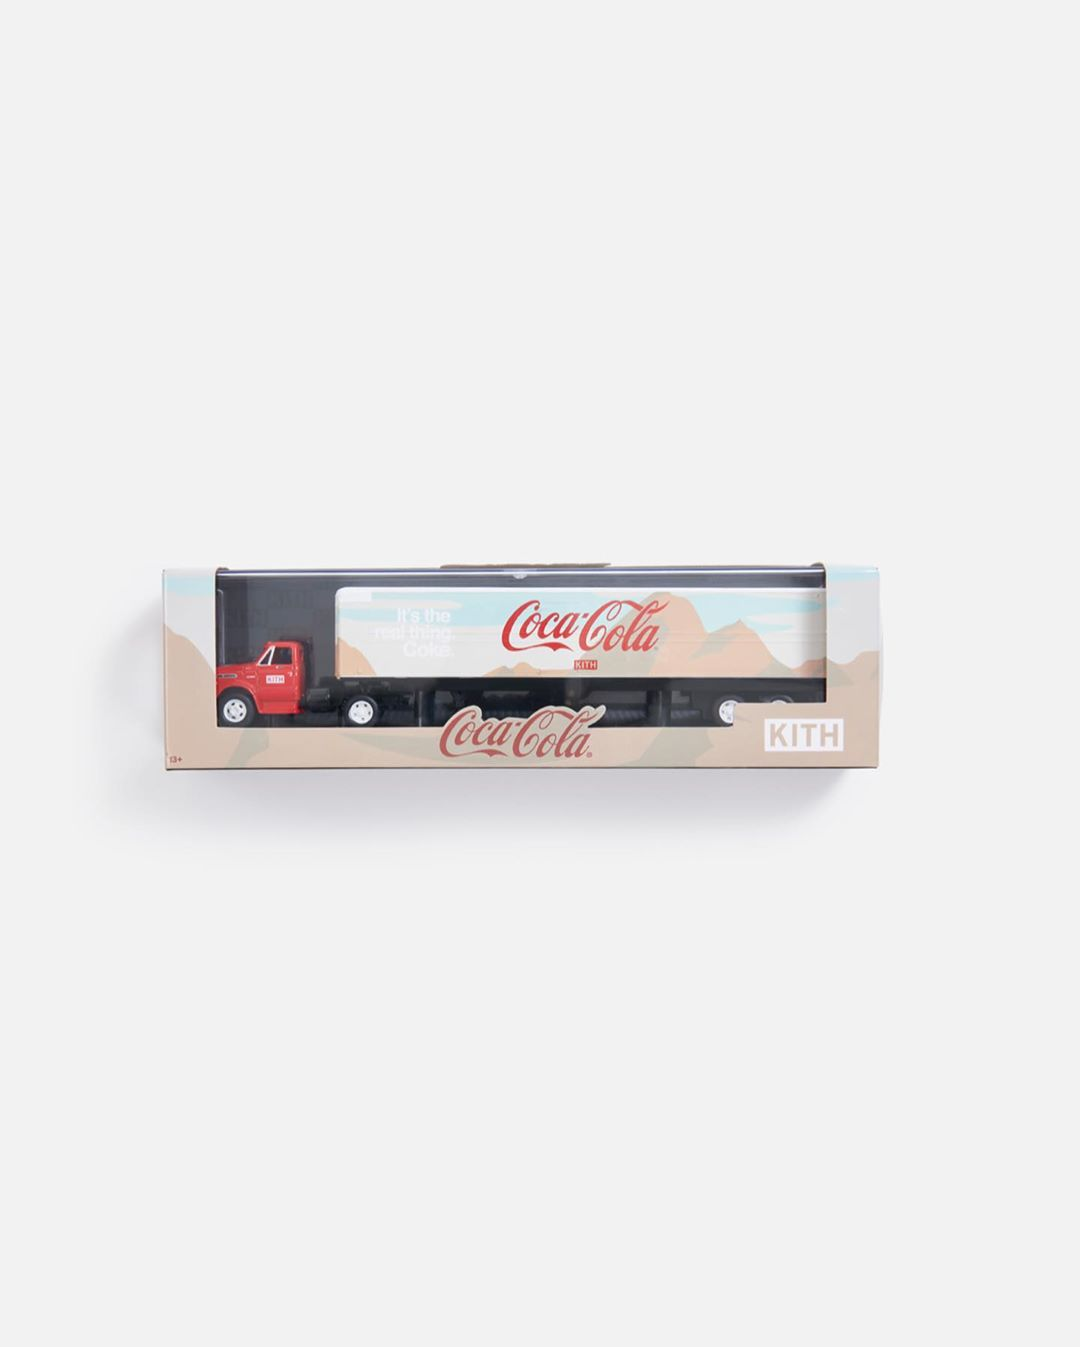 kith-coca-cola-5th-collaboration-release-20200815